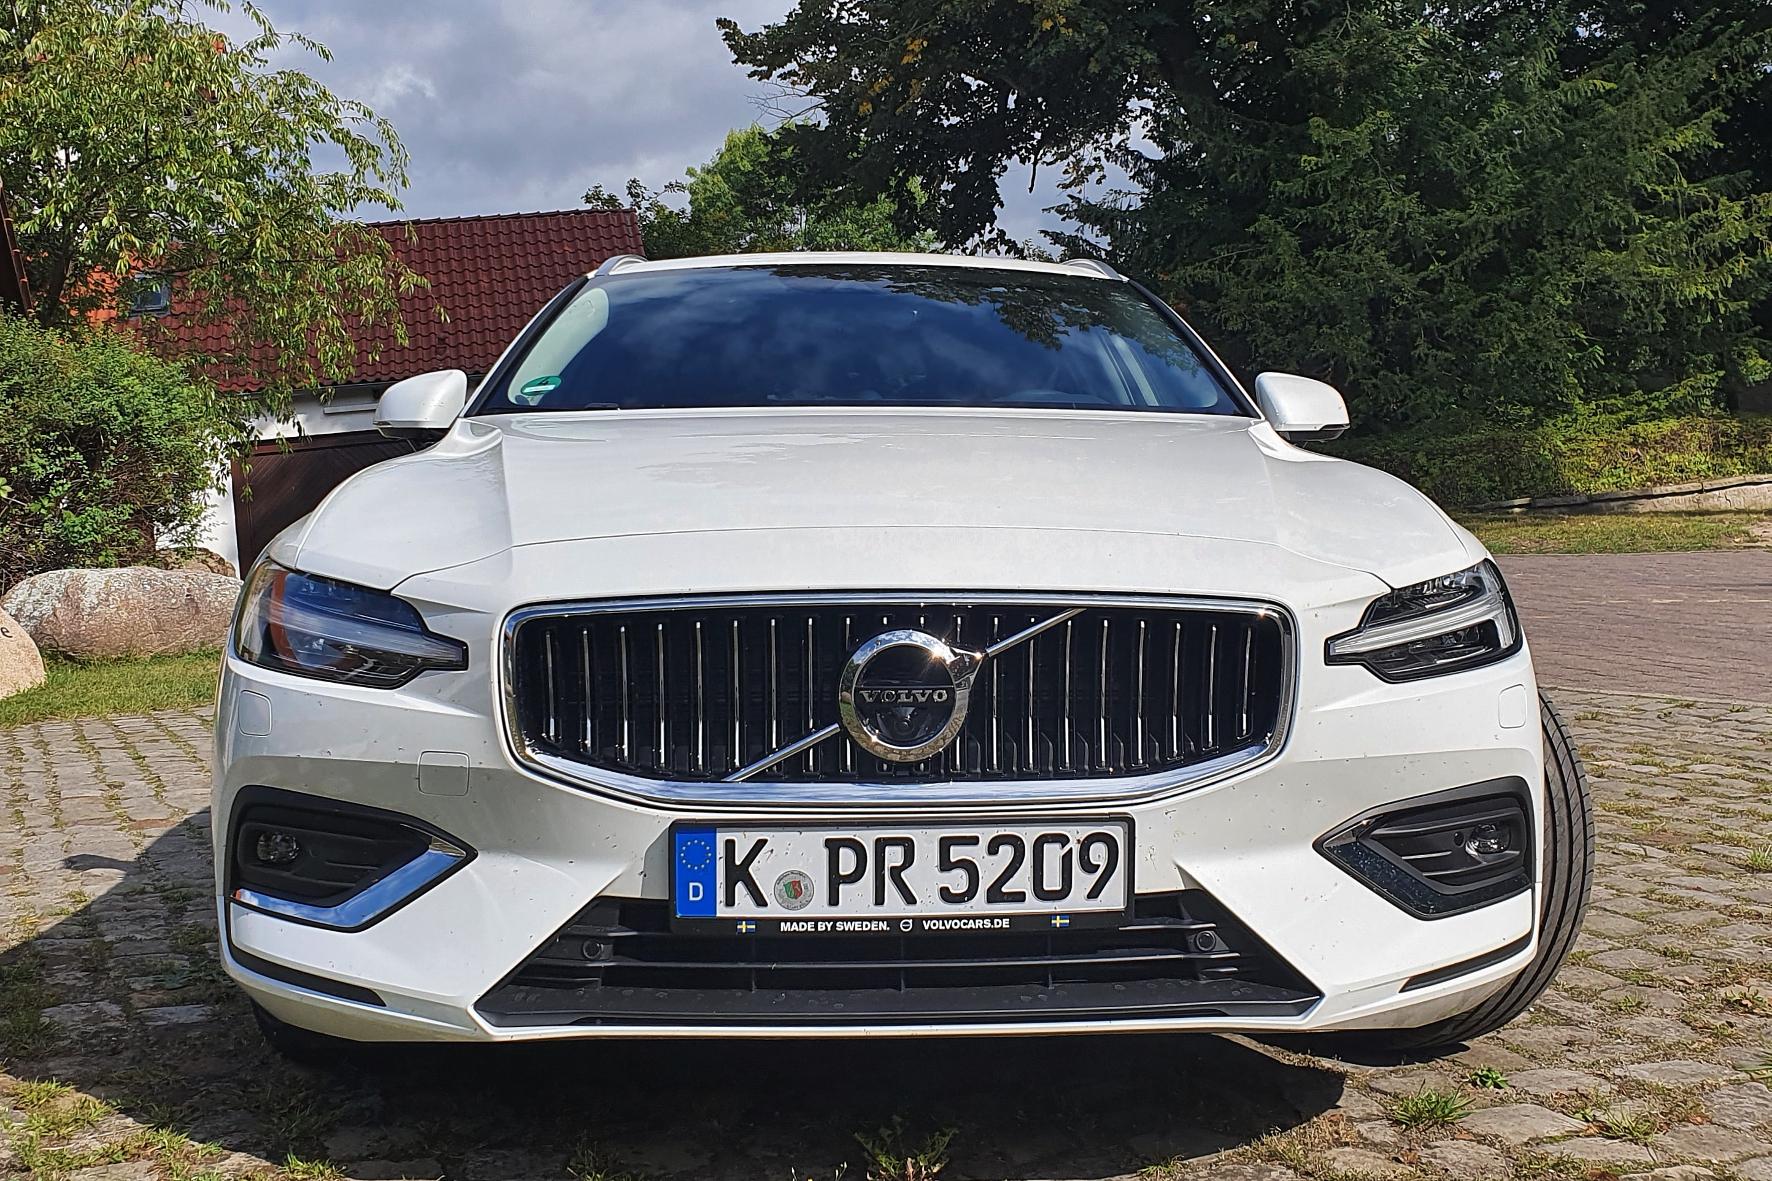 Auch mit dem V60 in seiner zweiten Generation setzt Volvo die Tradition fort, als Autobauer den Menschen, die Sicherheit und die Werte der Natur zu fokussieren